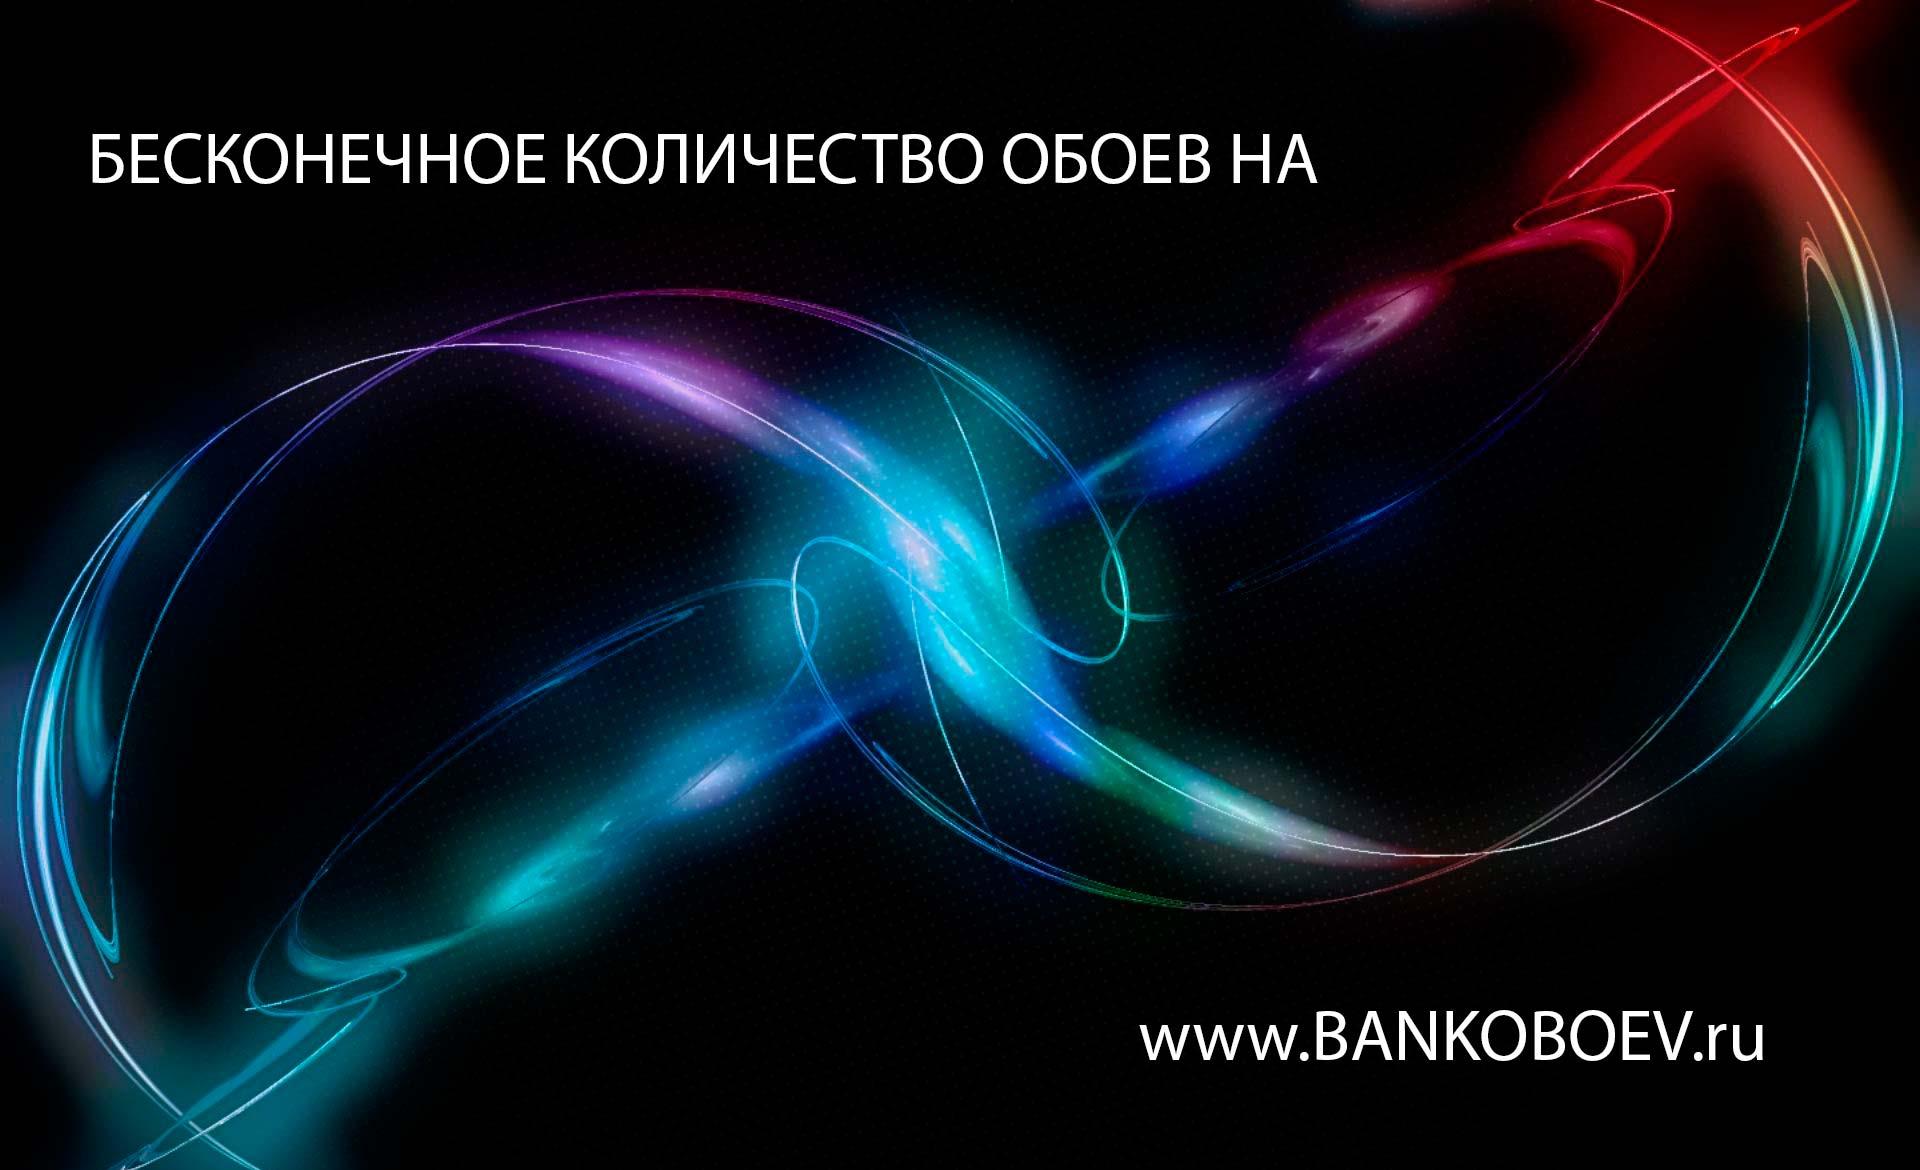 HQ wallpaper Black Labrador 2000 x 1333 on the desktop high quality 1280x1024